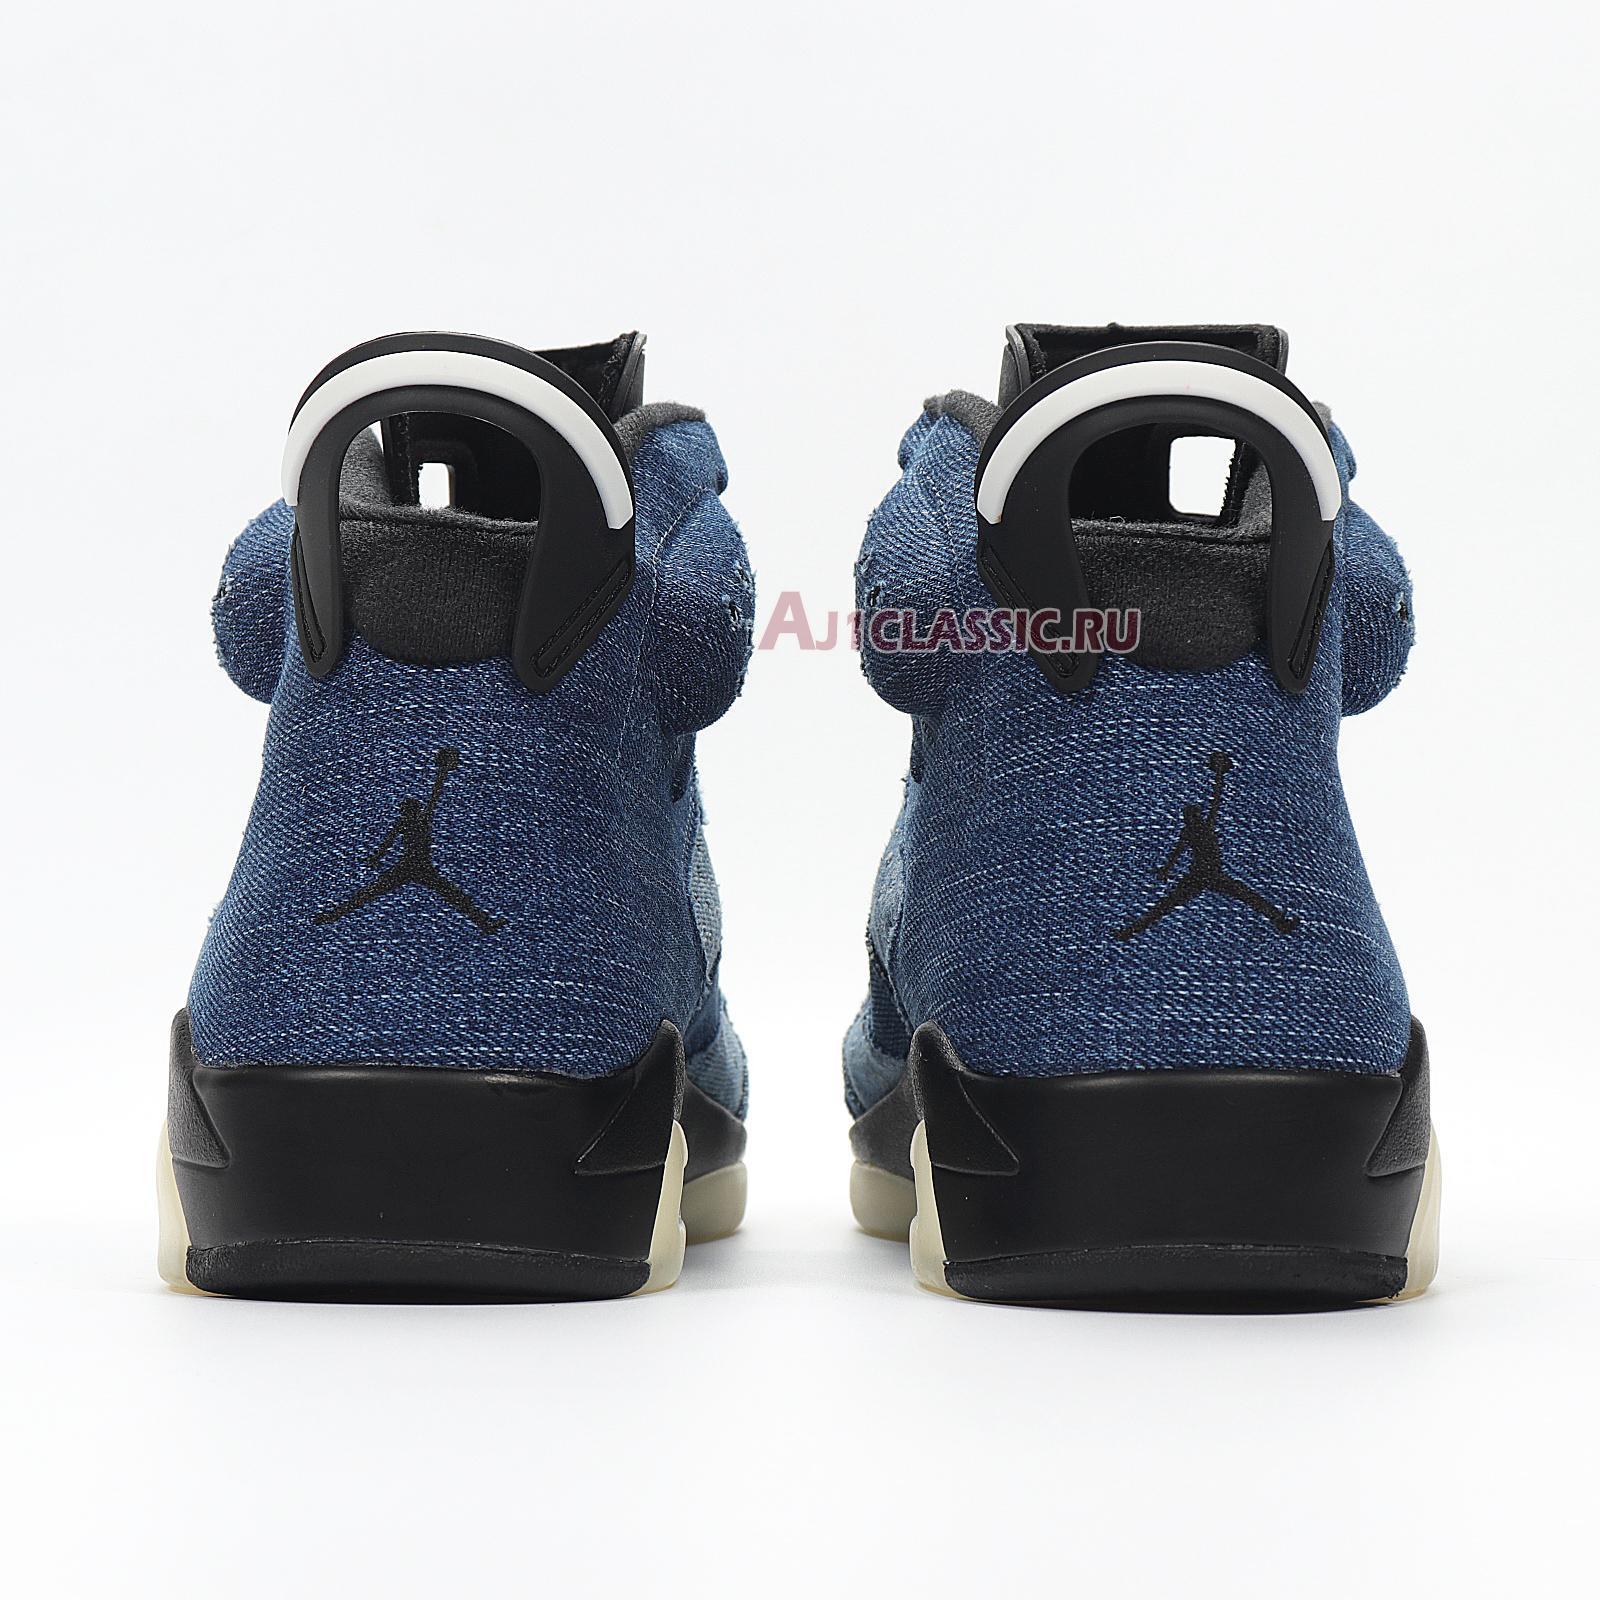 """Air Jordan 6 Retro """"Washed Denim"""" CT5350-401"""